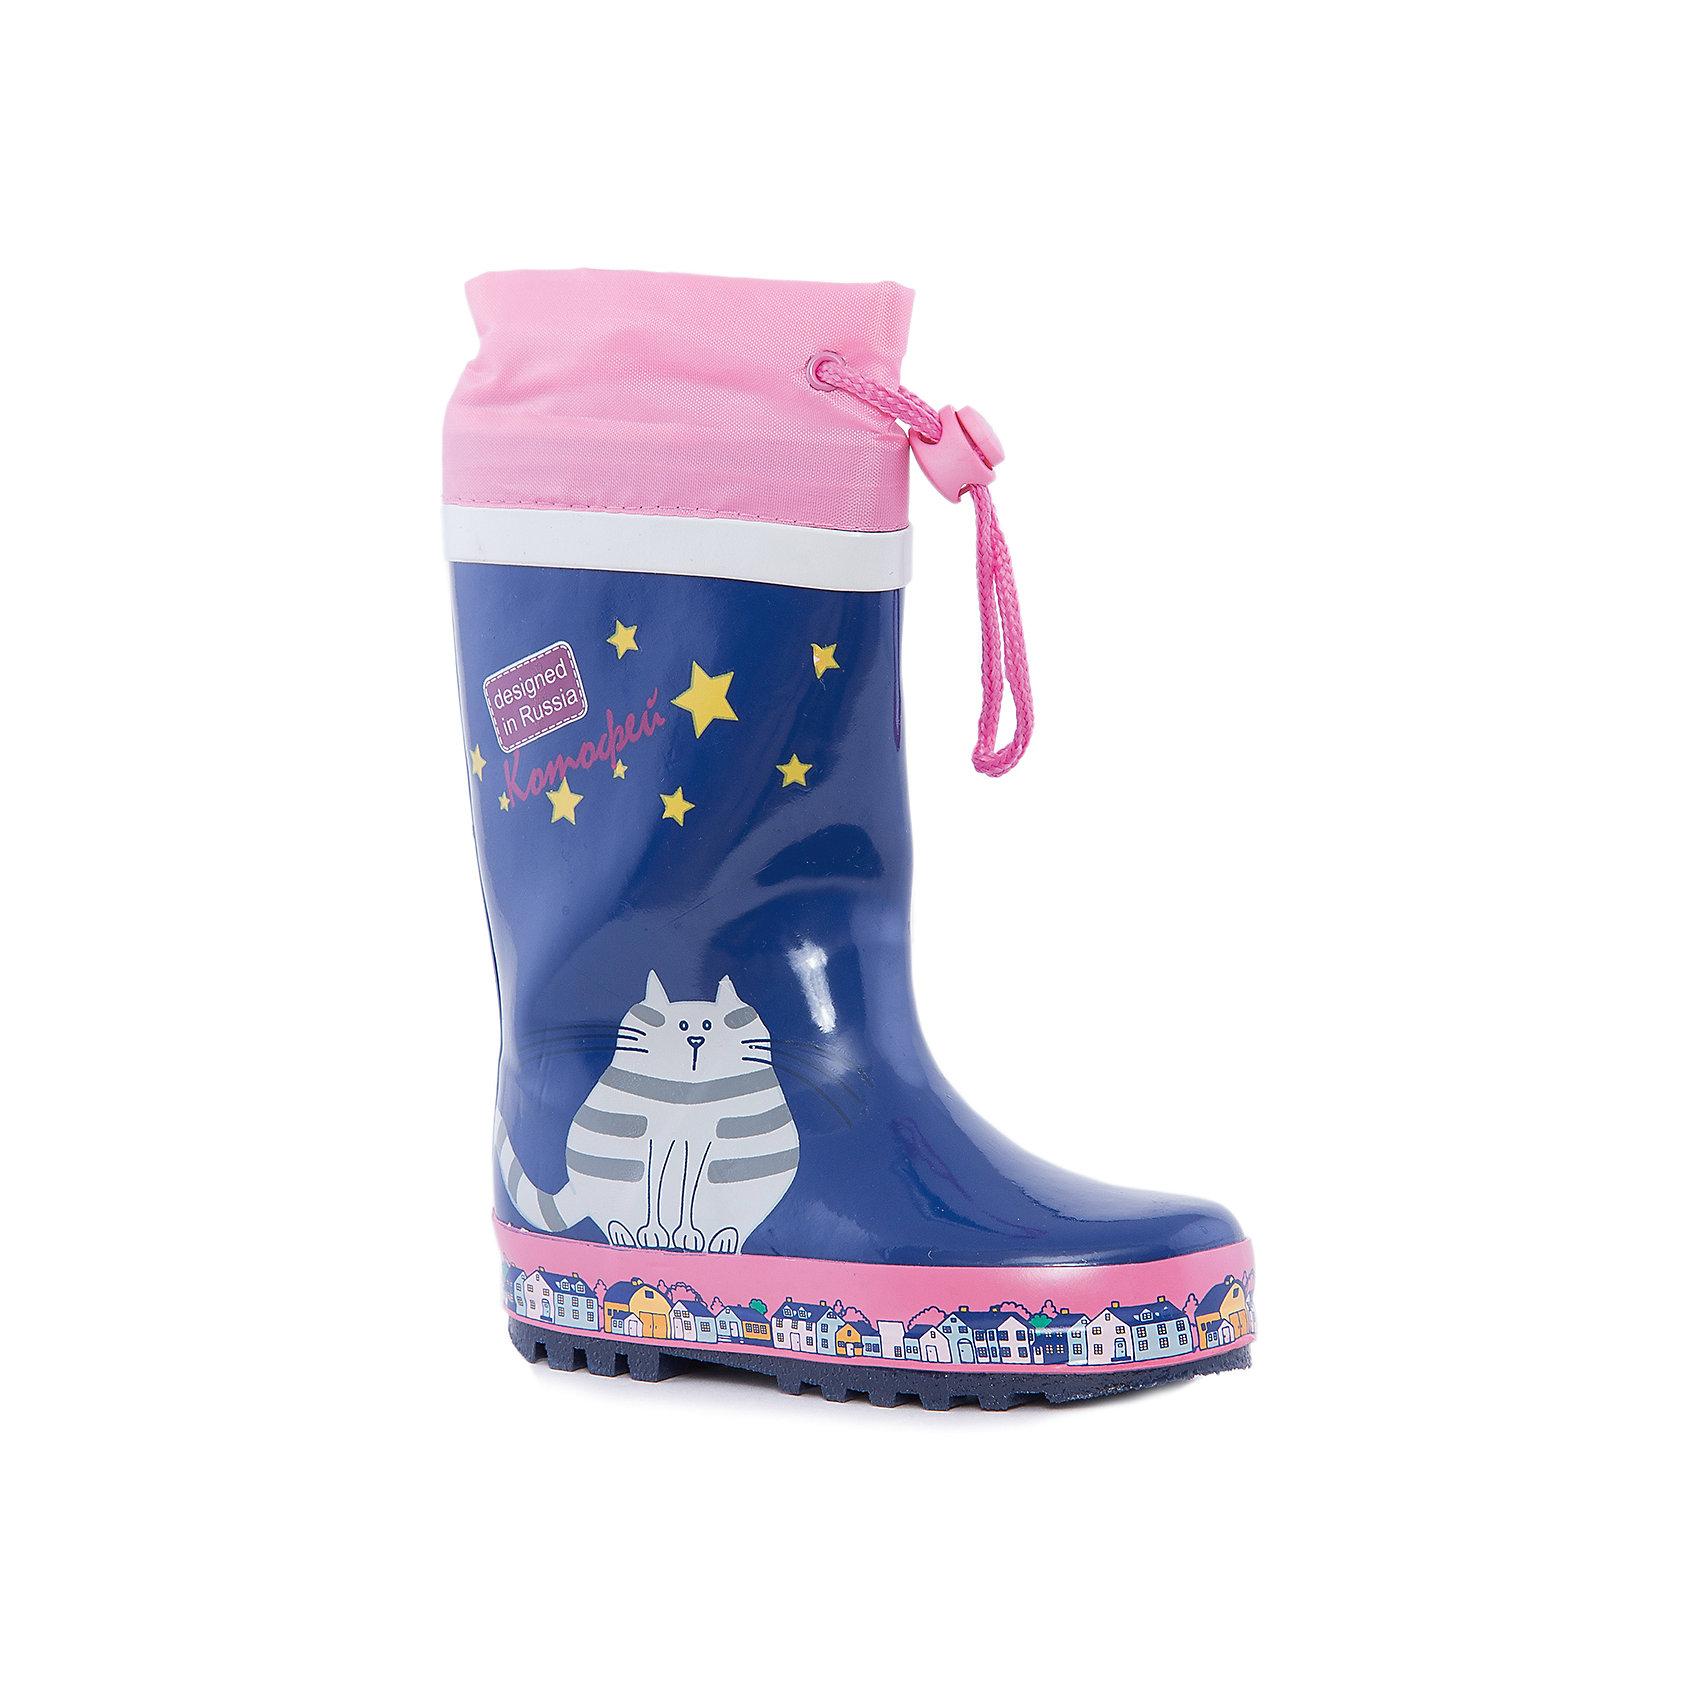 Сапоги для девочки КотофейКотофей – качественная и стильная детская обувь по доступным ценам. С каждым днем популярность бренда растет.  Резиновые сапожки – незаменимая вещь для осенней погоды. Теперь малышка может изучать лужи без риска промочить ножки и простудиться. Милый, современный дизайн оценят все модницы. Нежные цвета сочетаются с любой одеждой, что позволяет создать множество стильных образов.<br><br>Дополнительная информация:<br><br>цвет: сине-розовый;<br>вид крепления: горячая вулканизация;<br>застежка: шнур с фиксатором;<br>температурный режим: от 0° С до +15° С<br>.<br>Состав:<br>материал верха  – резина;<br>материал подклада  - текстиль;<br>подошва - плотная резина.<br><br>Малодетские резиновые сапоги для девочек дошкольного возраста от фирмы  Котофей можно приобрести в нашем магазине.<br><br>Ширина мм: 257<br>Глубина мм: 180<br>Высота мм: 130<br>Вес г: 420<br>Цвет: синий<br>Возраст от месяцев: 36<br>Возраст до месяцев: 48<br>Пол: Женский<br>Возраст: Детский<br>Размер: 27,25,26,28,29,24<br>SKU: 4982057